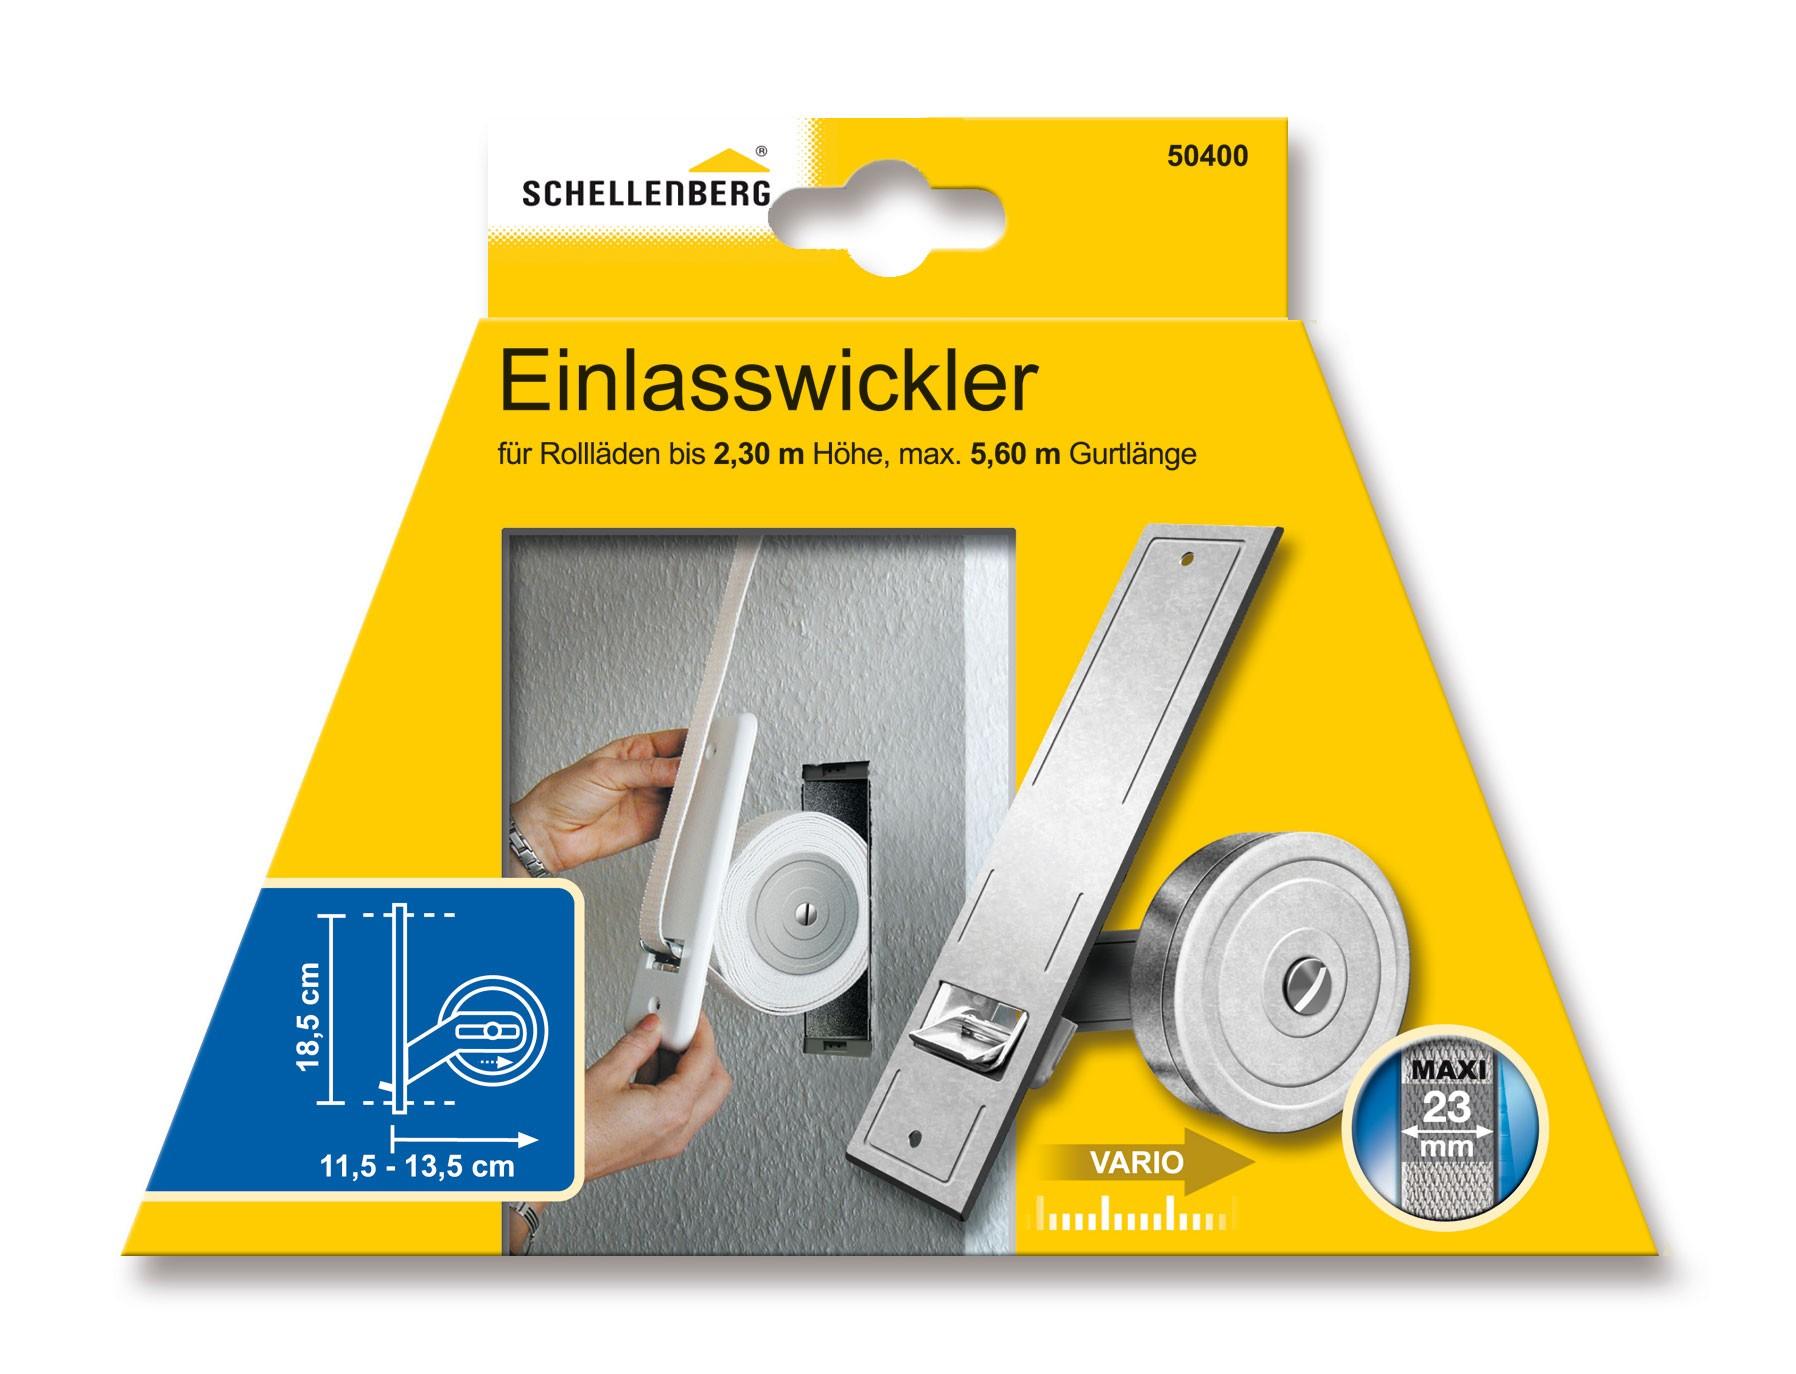 Einlasswickler Schellenberg Maxi Lochabstand 18,5cm fürGurtlänge 5,60m Bild 1